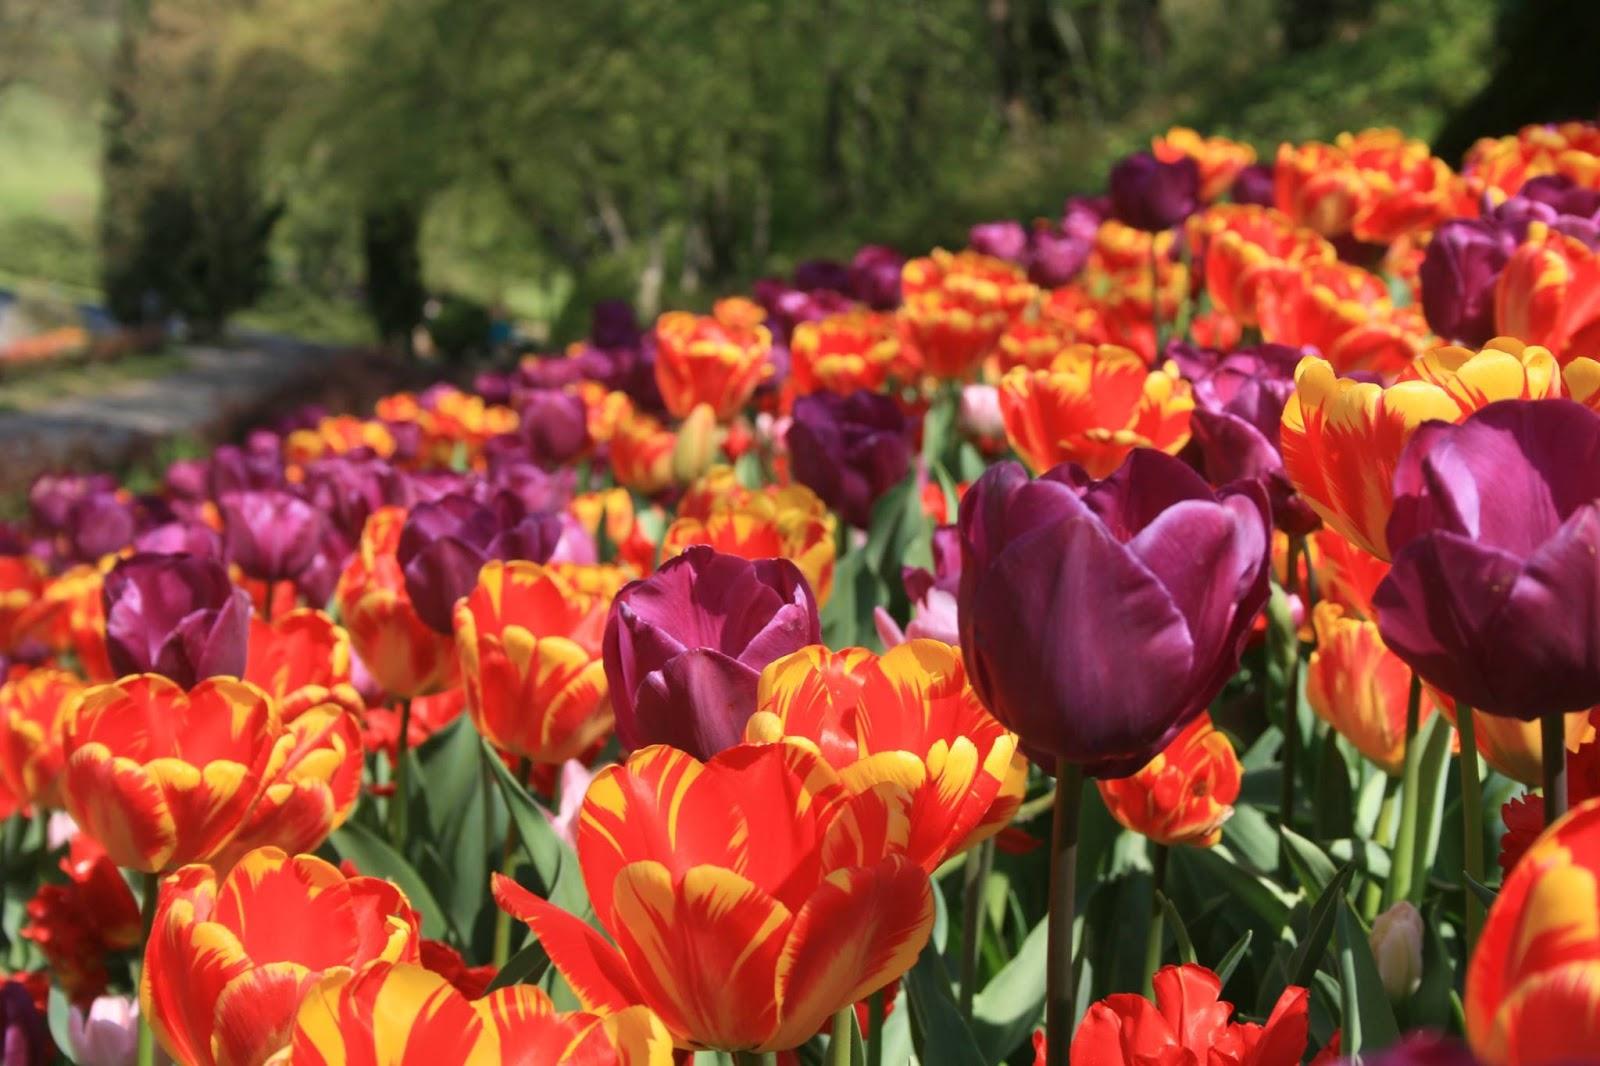 Tulipanomania al parco giardino sigurt valeggio sul mincio vr dal 6 marzo al 30 aprile - Parco giardino sigurta valeggio sul mincio vr ...